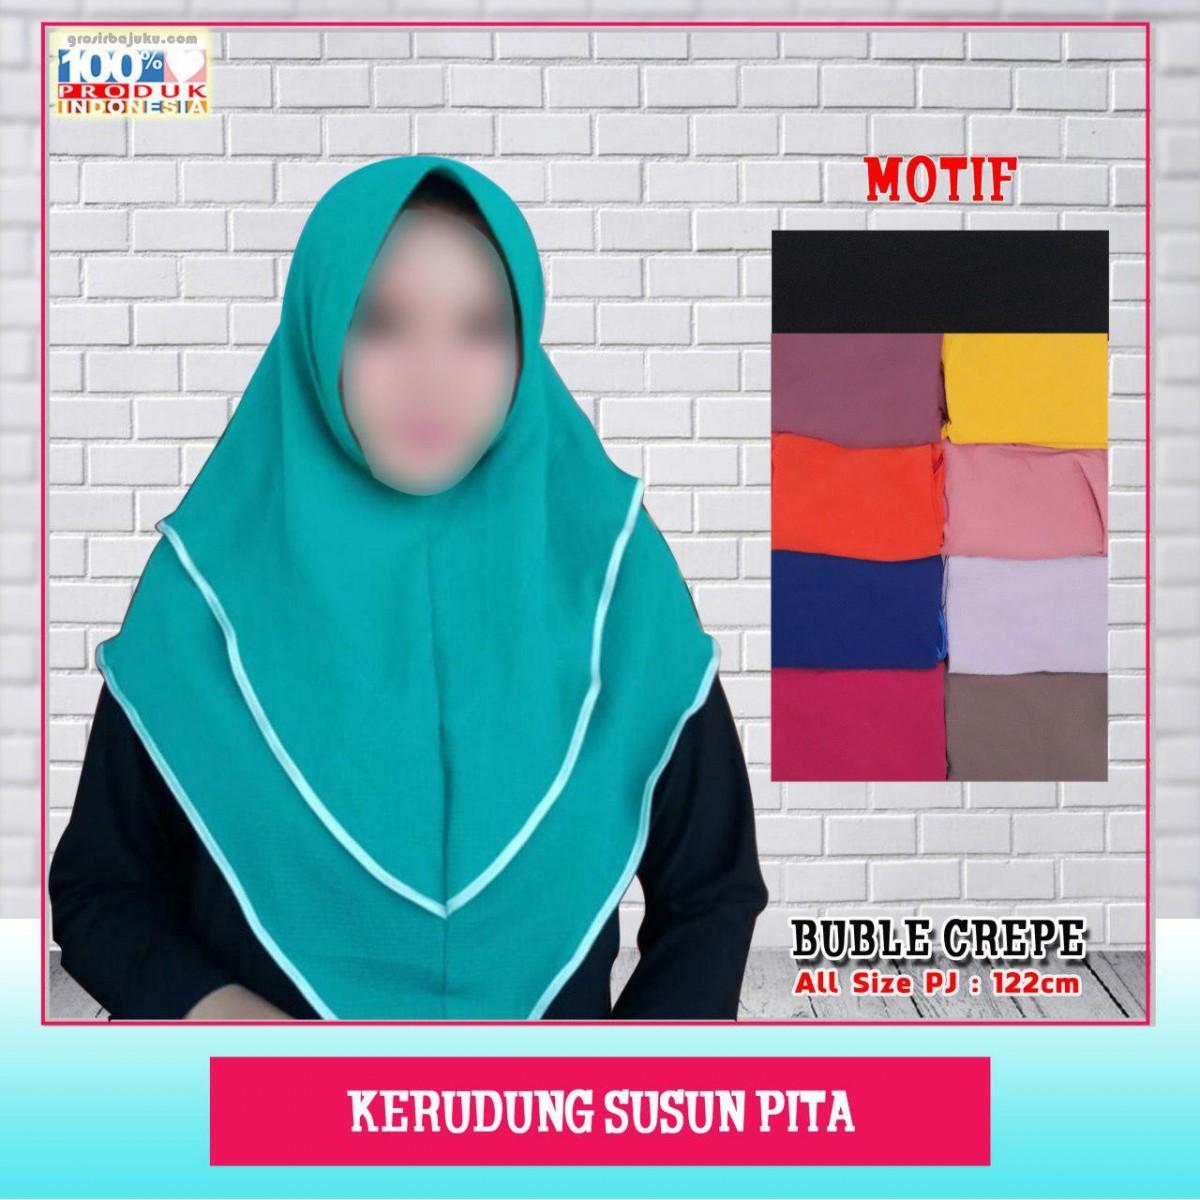 ObralanBaju.com Kerudung Susun Pita